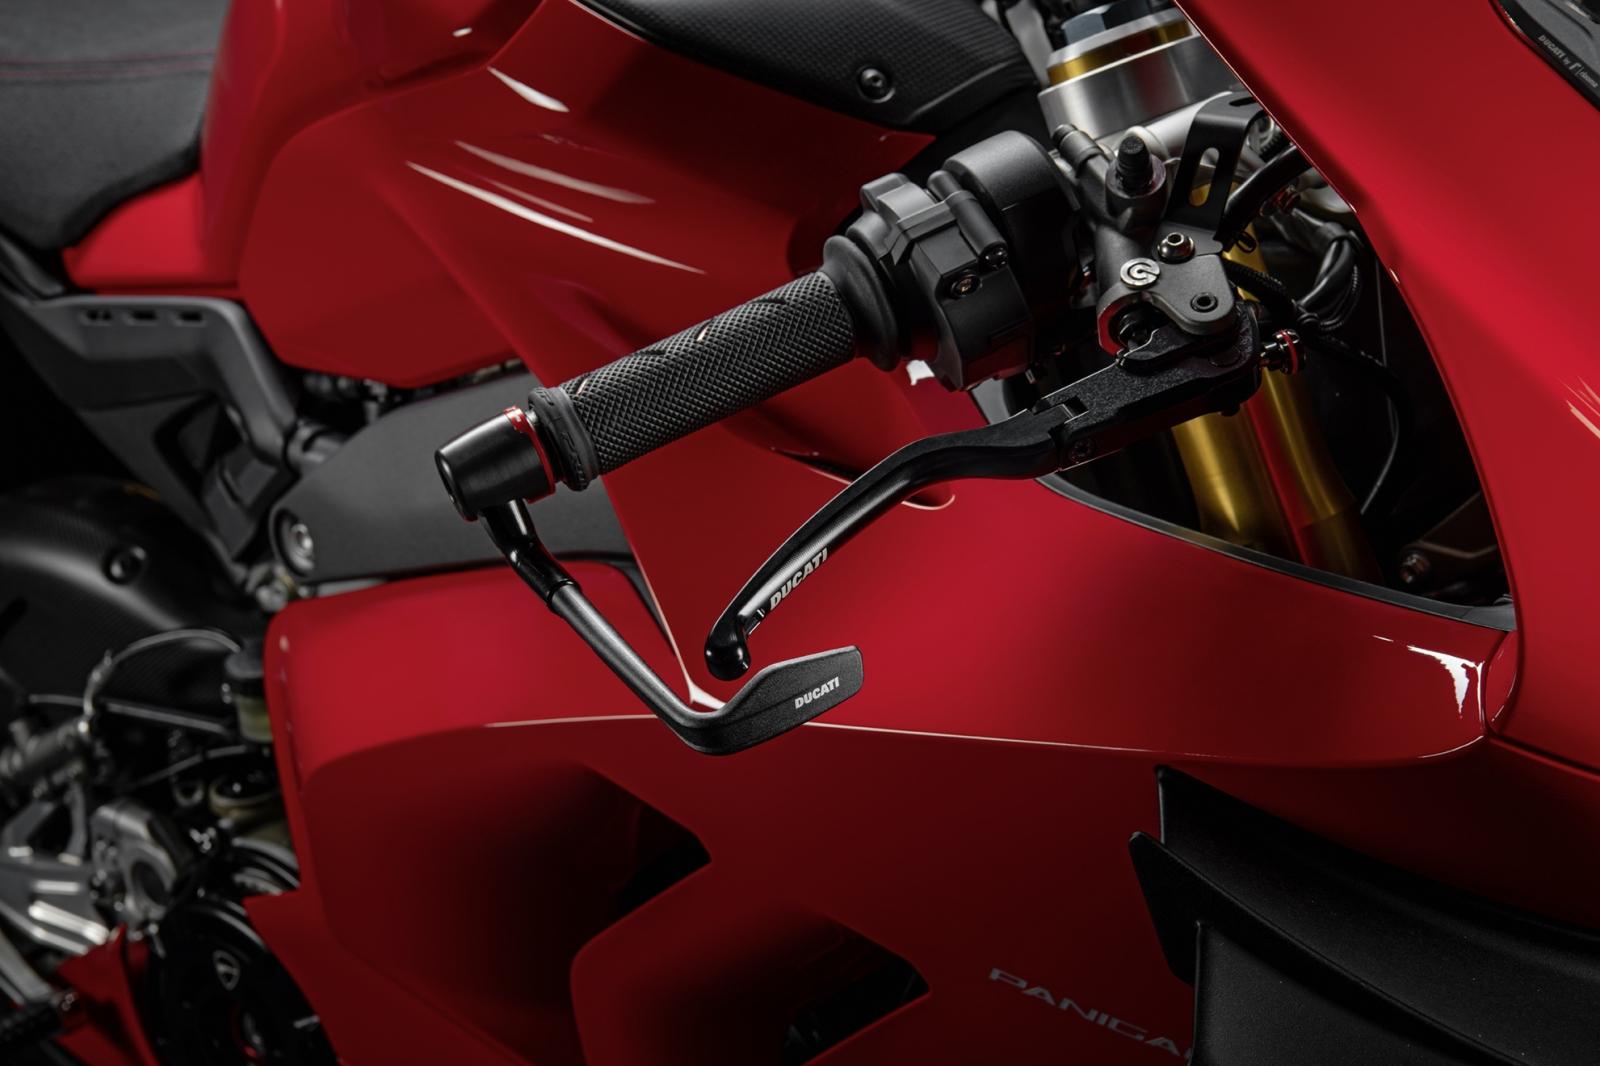 La Ducati Panigale V4, potenciada con el kit racing de accesorios para circuito